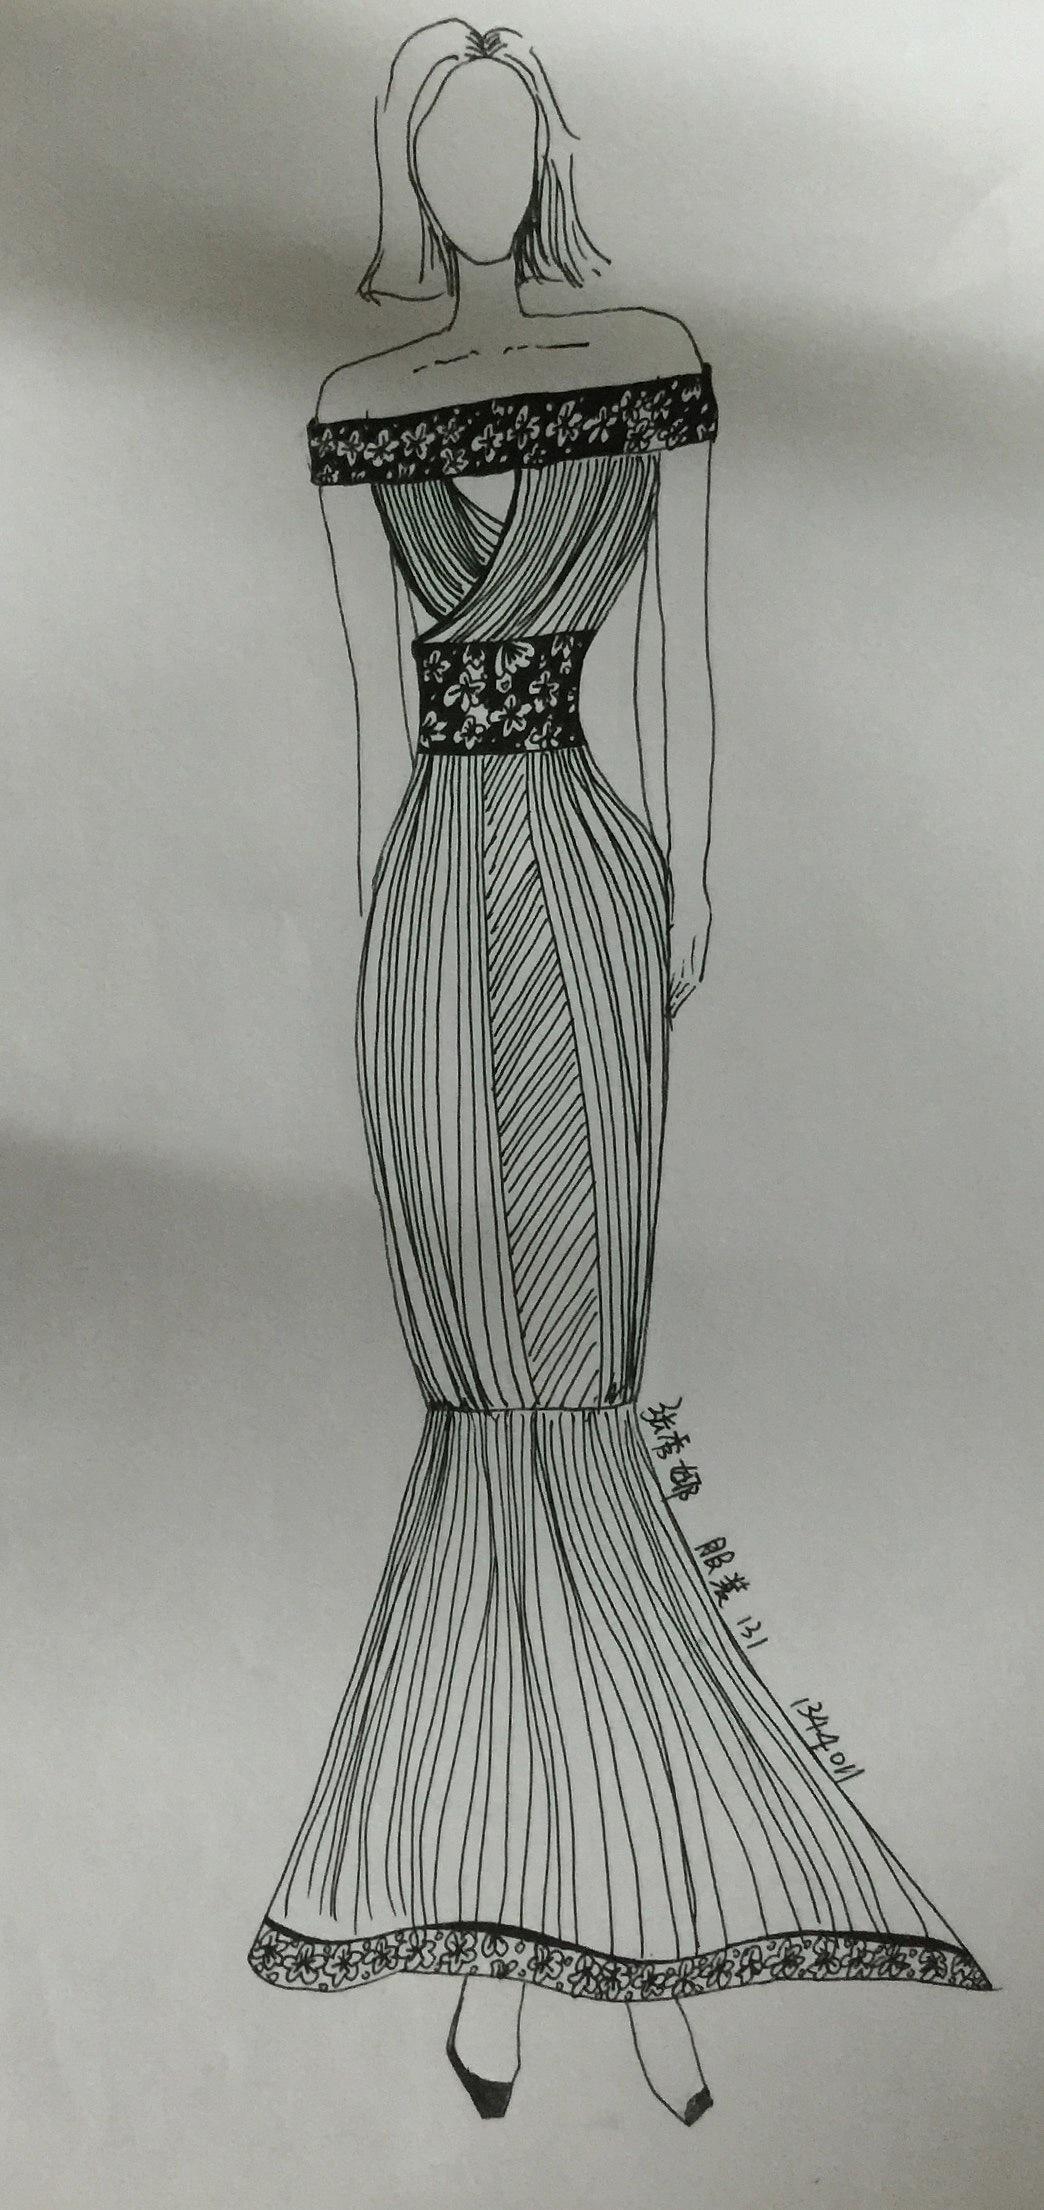 手绘服装设计图铅笔画展示图片